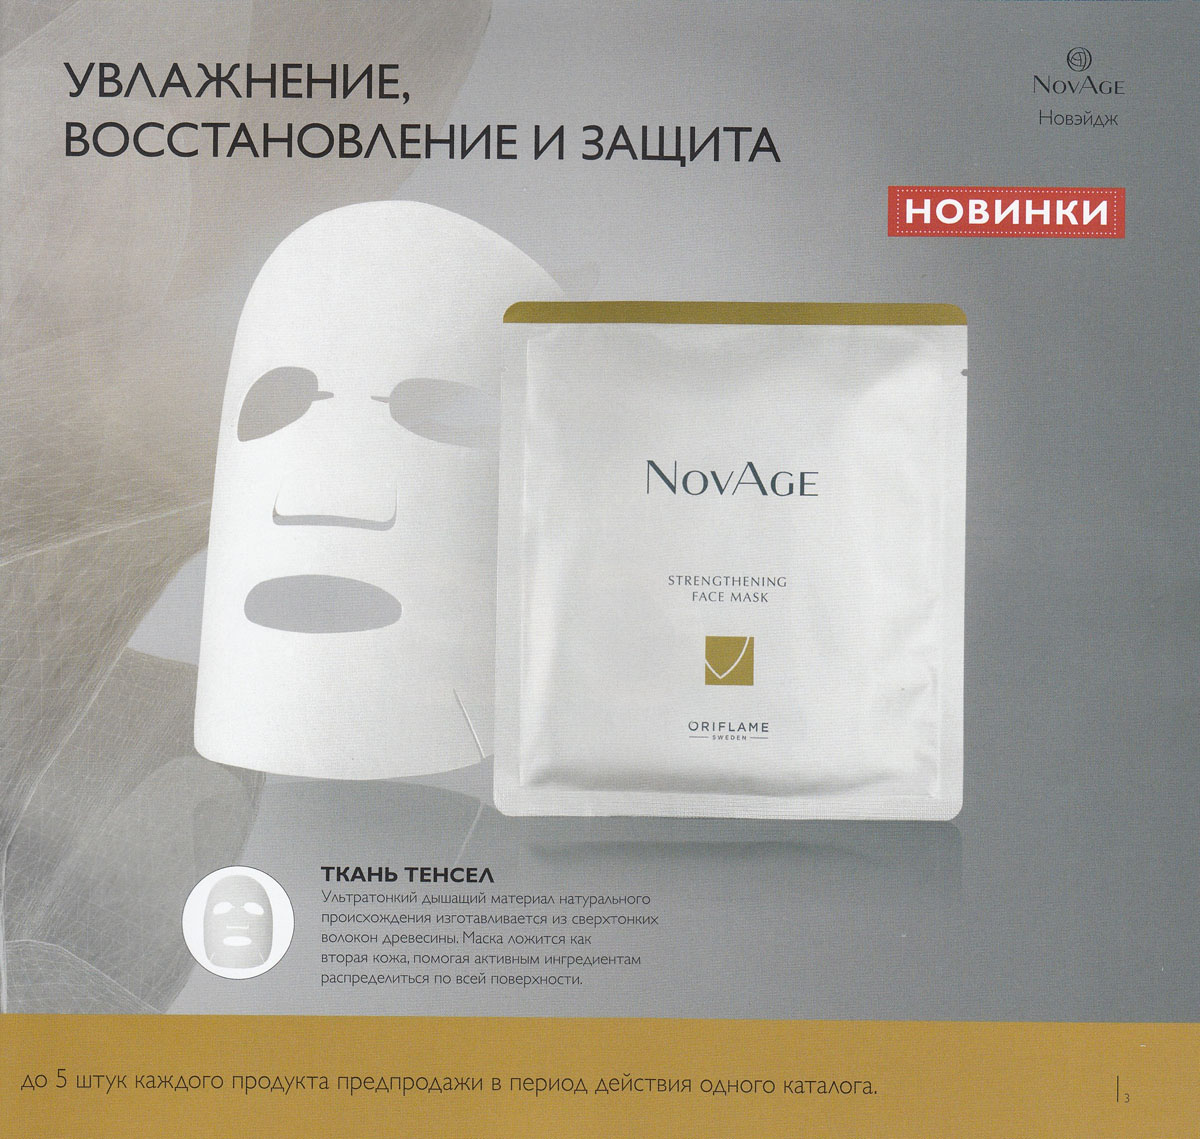 Старица 3, каталог премьер клуб 17 2018, Россия